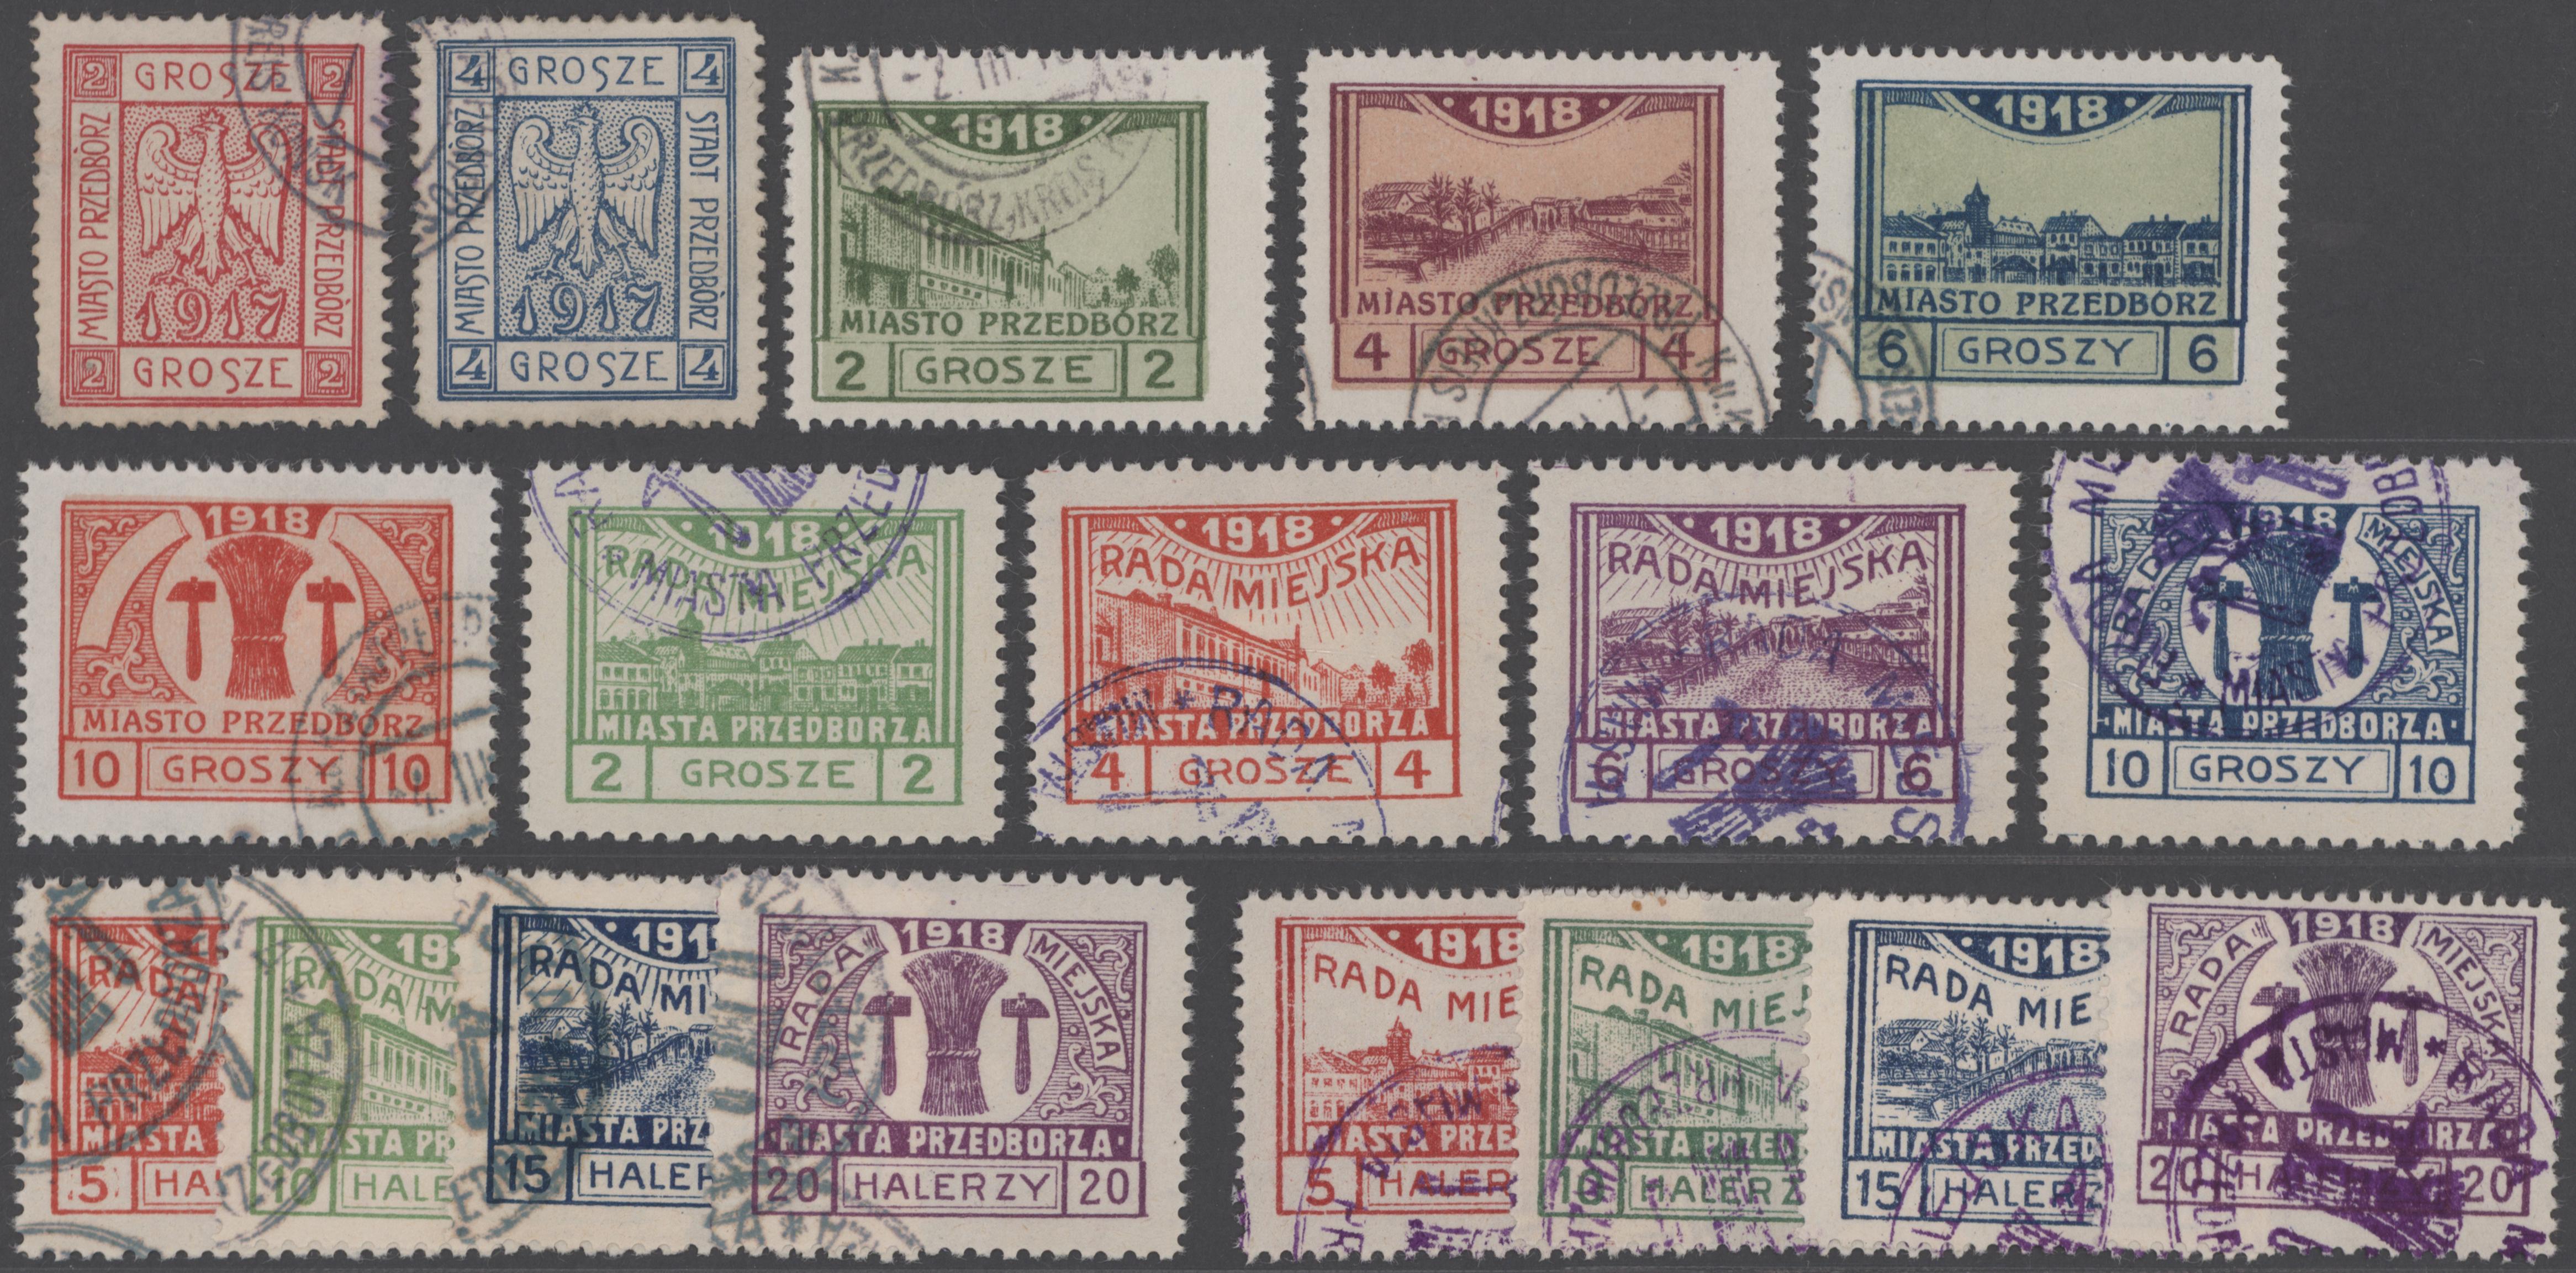 Lot 19151 - Polen - Bestellpostanstalten  -  Auktionshaus Christoph Gärtner GmbH & Co. KG 50th Auction Anniversary Auction - Day 5